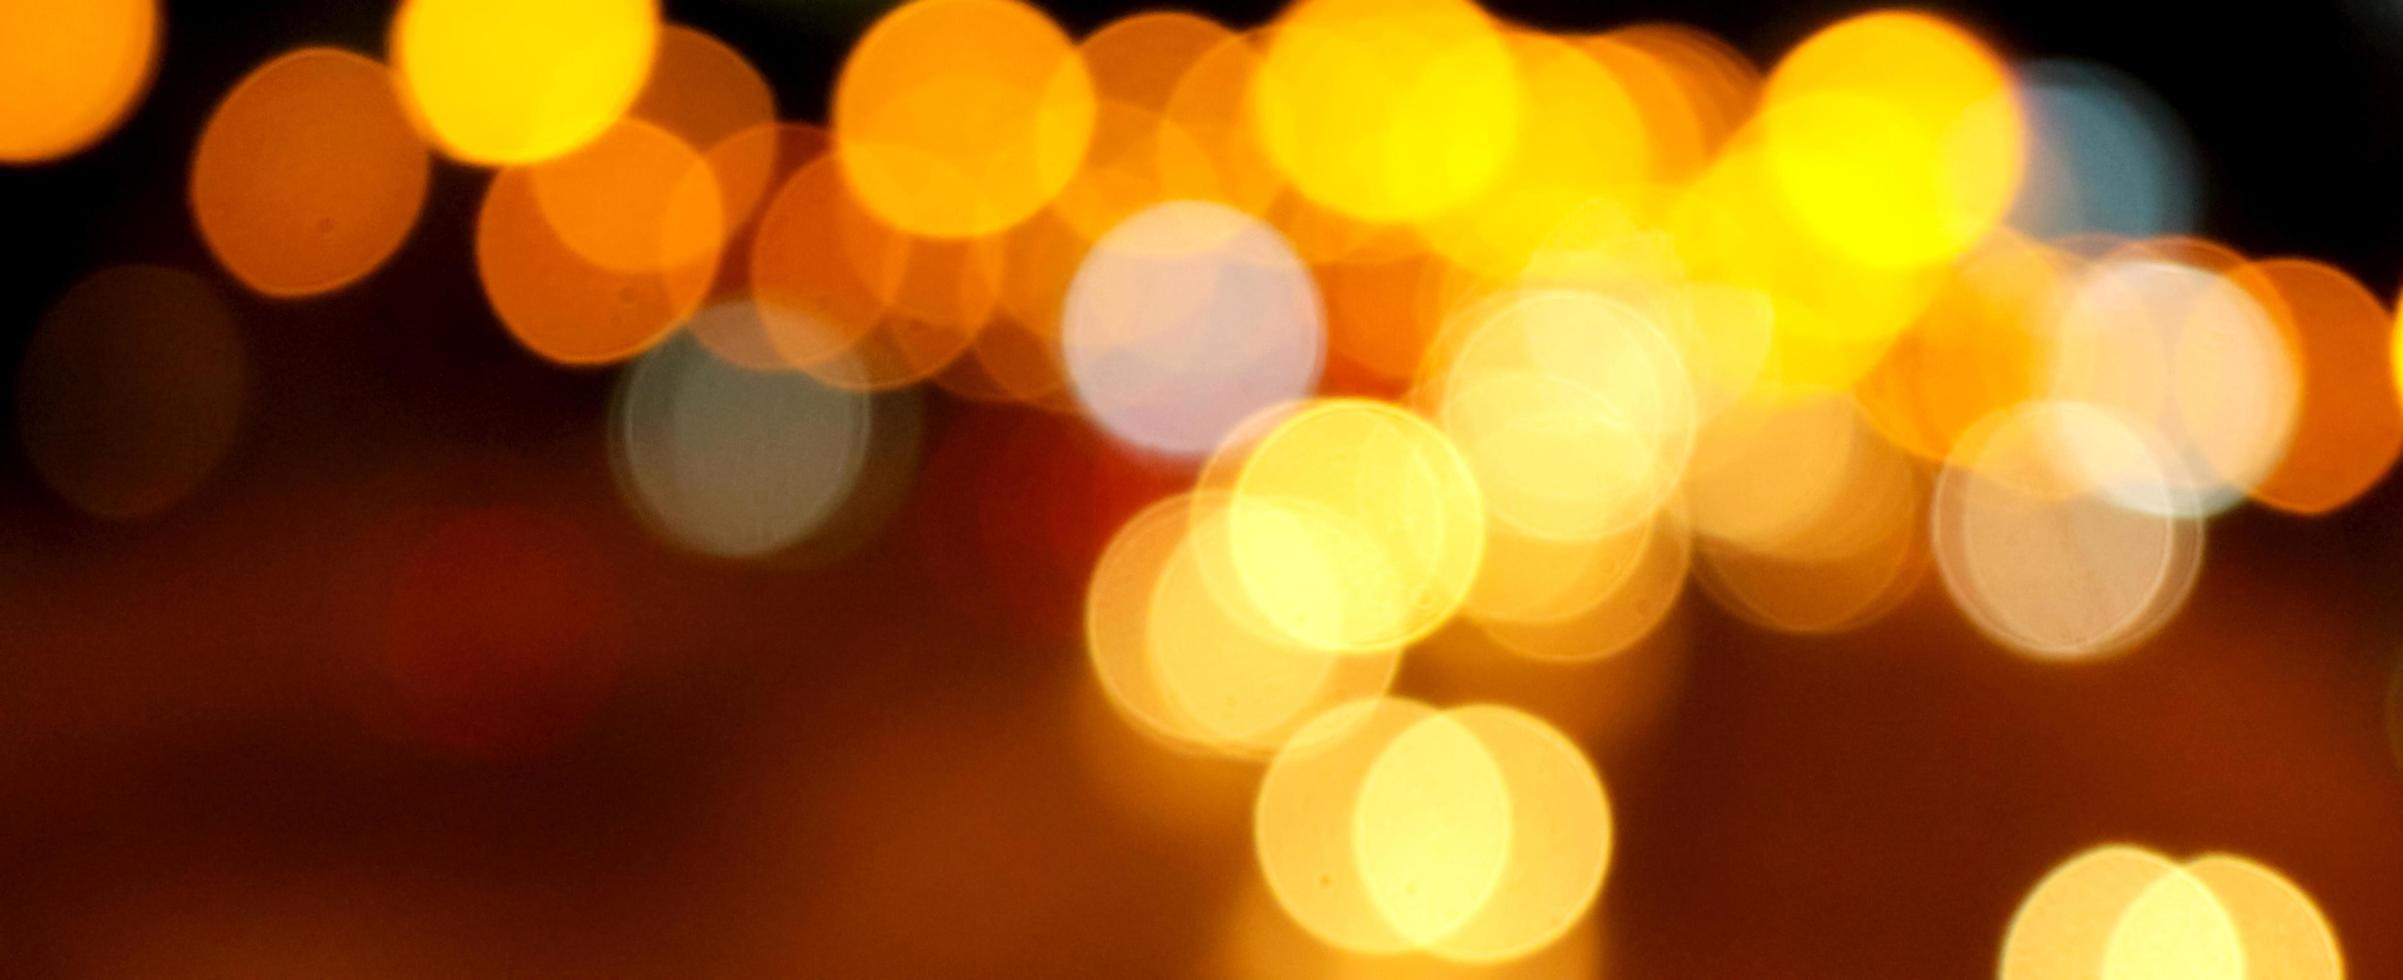 luces bokeh amarillas y naranjas foto